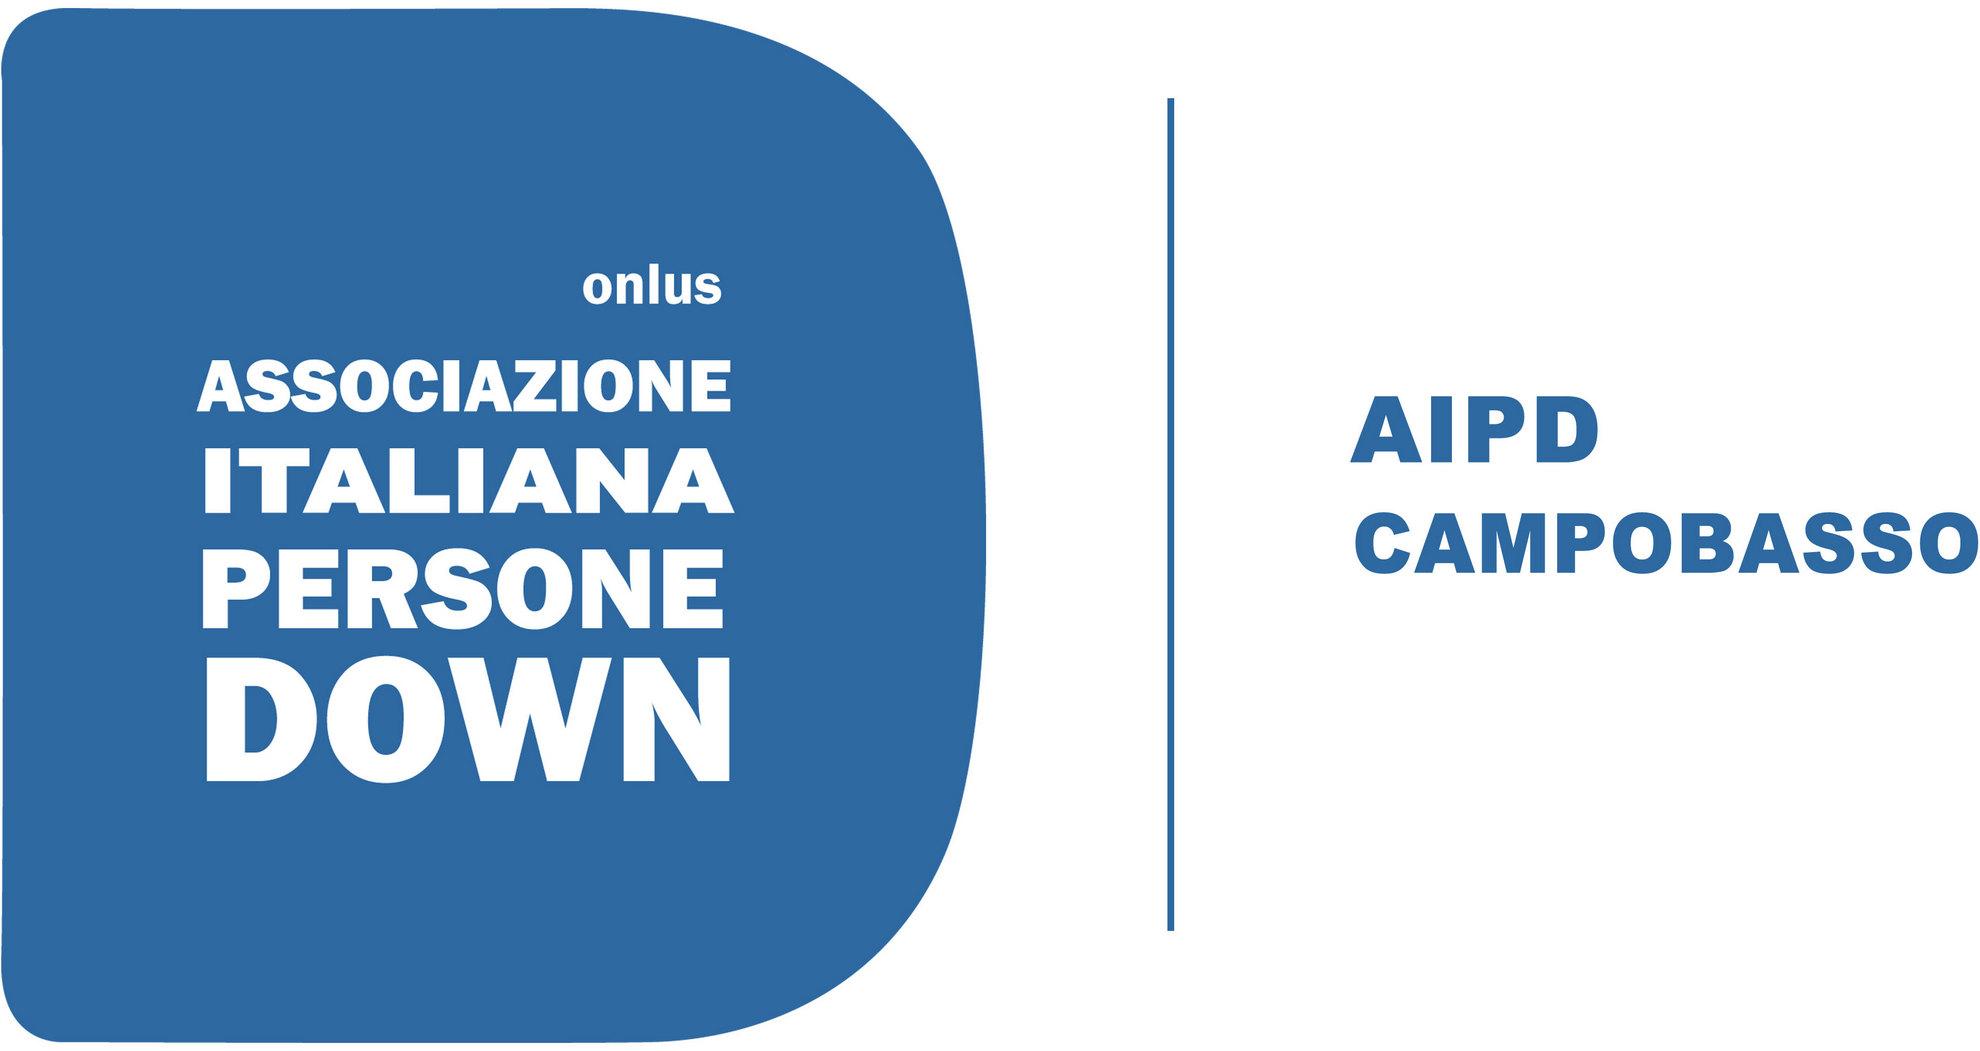 ASSOCIAZIONE ITALIANA PERSONE DOWN